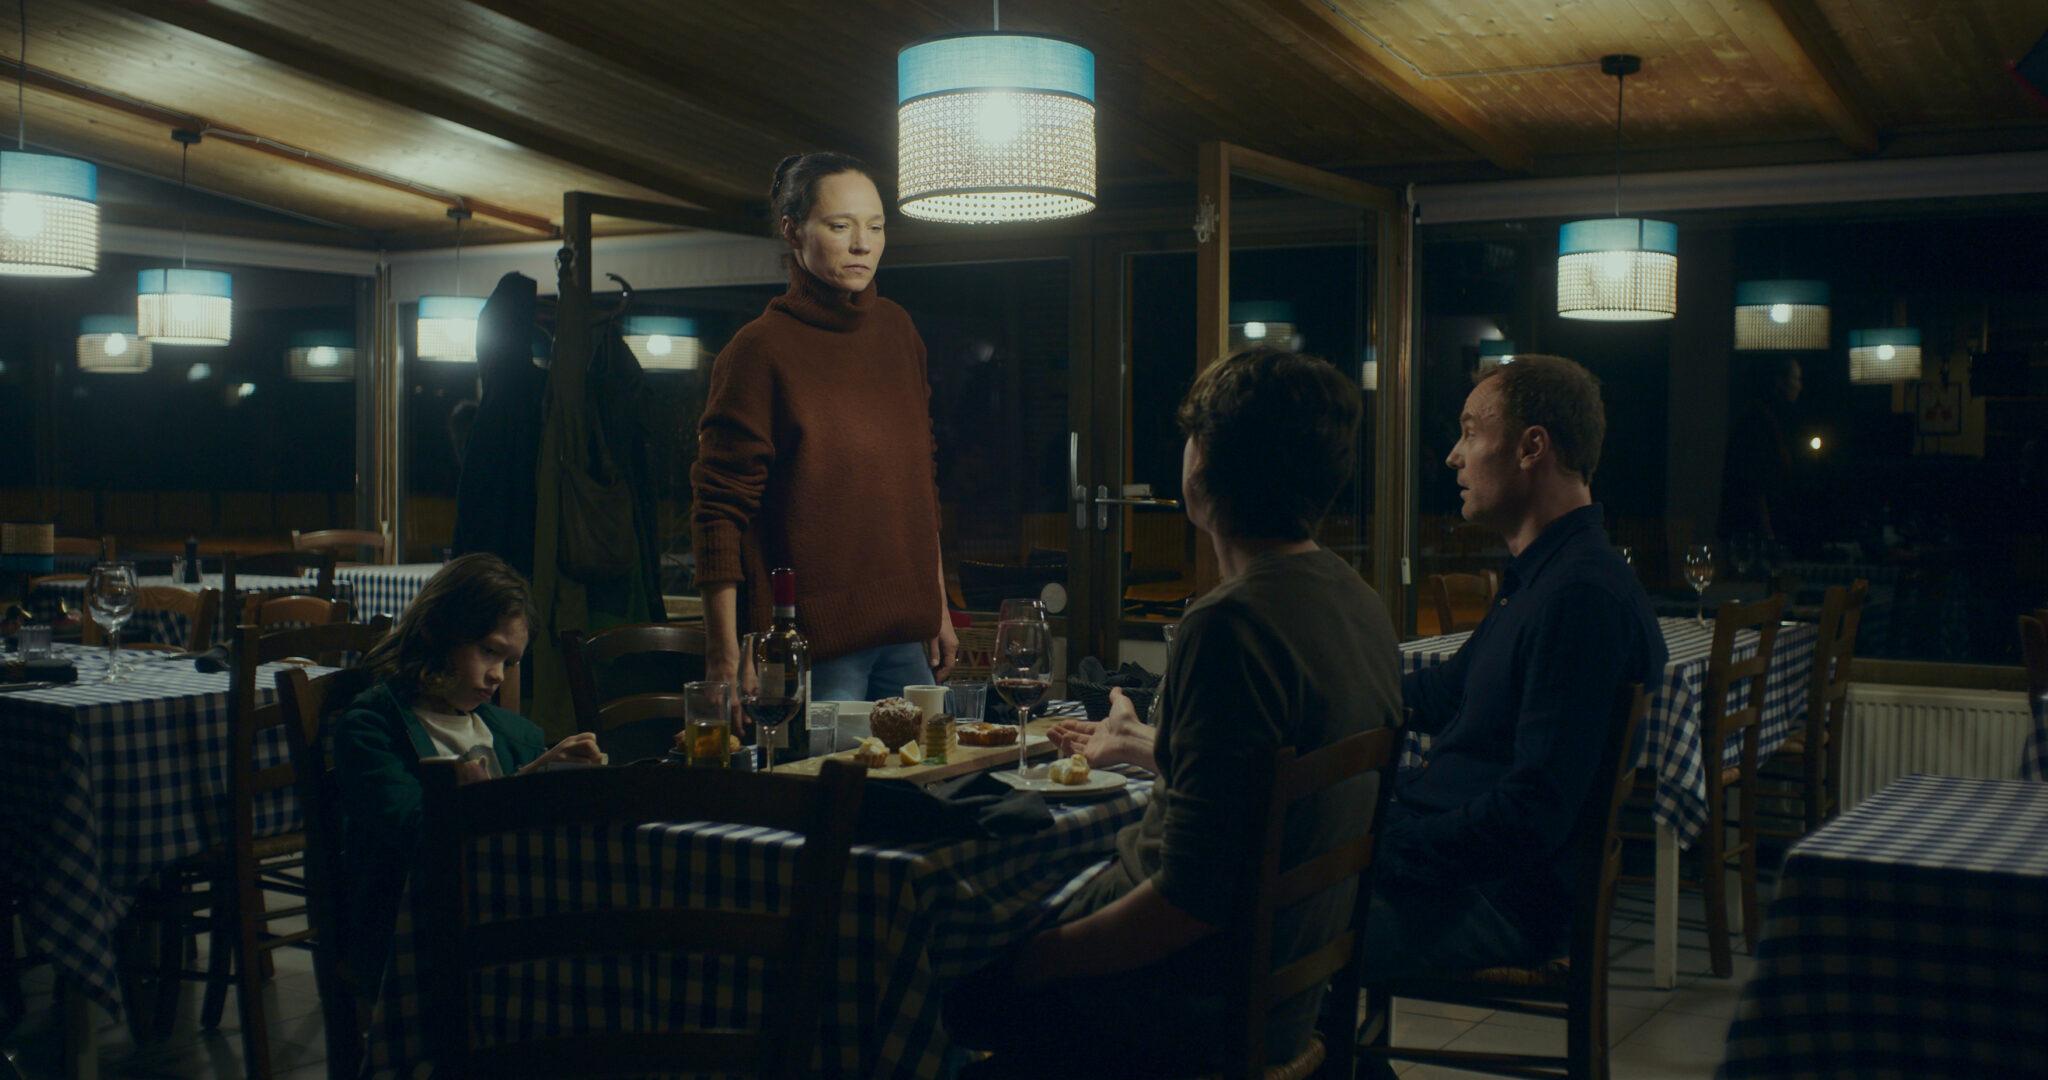 Die Familie von Nina (Sabine Timoteo) und Jan (Mark Waschke) an einem Tisch in einem Restaurant. Auf dem Tisch stehen einige Teller mit Speisen und Gläser mit Wein und andere Getränke. An der Decke sieht man blauweiße Deckenleuchten.